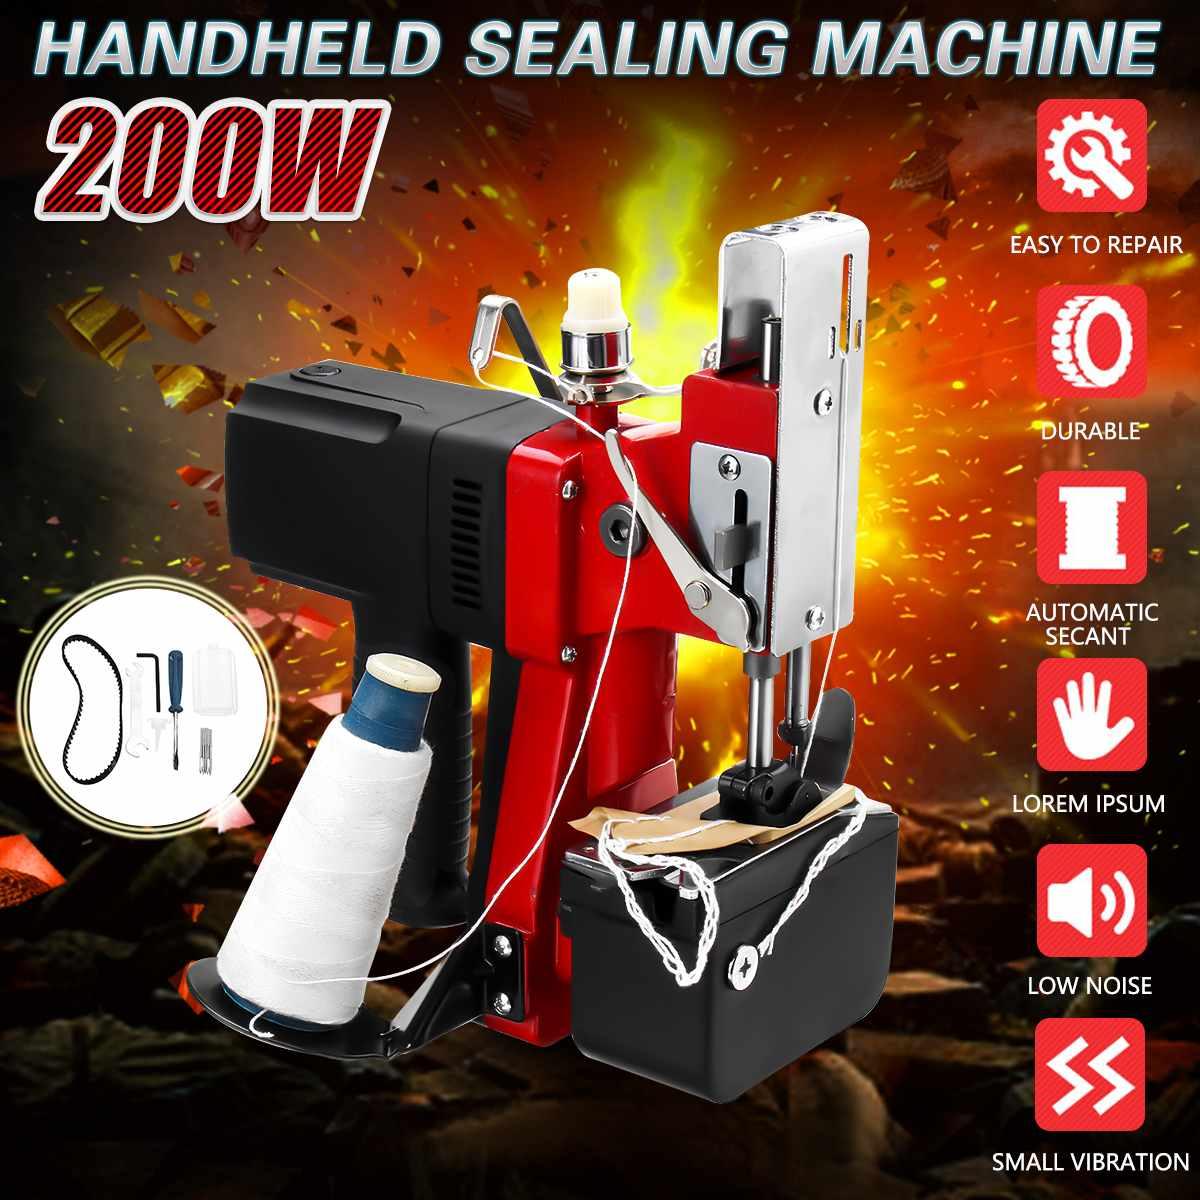 KIWARM 220 V Machine à coudre électrique industrielle Portable électrique sac à main couture joint plus proche couture Machines à sceller